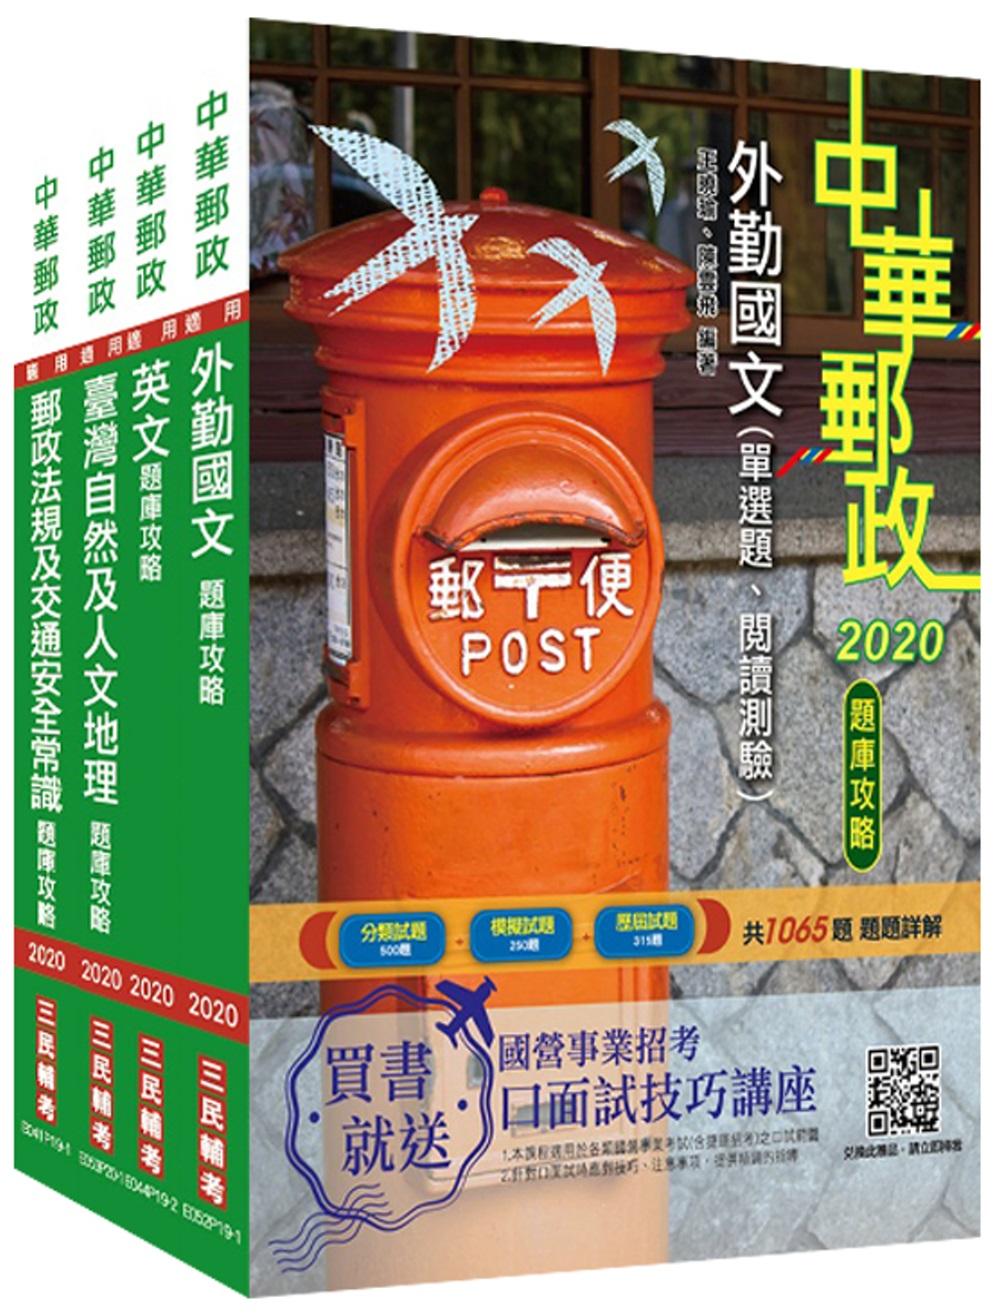 2021年郵政(郵局)[外勤人員]題庫攻略套書(總題數3740題) (中華郵政/專業職二/郵遞業務/運輸業務)